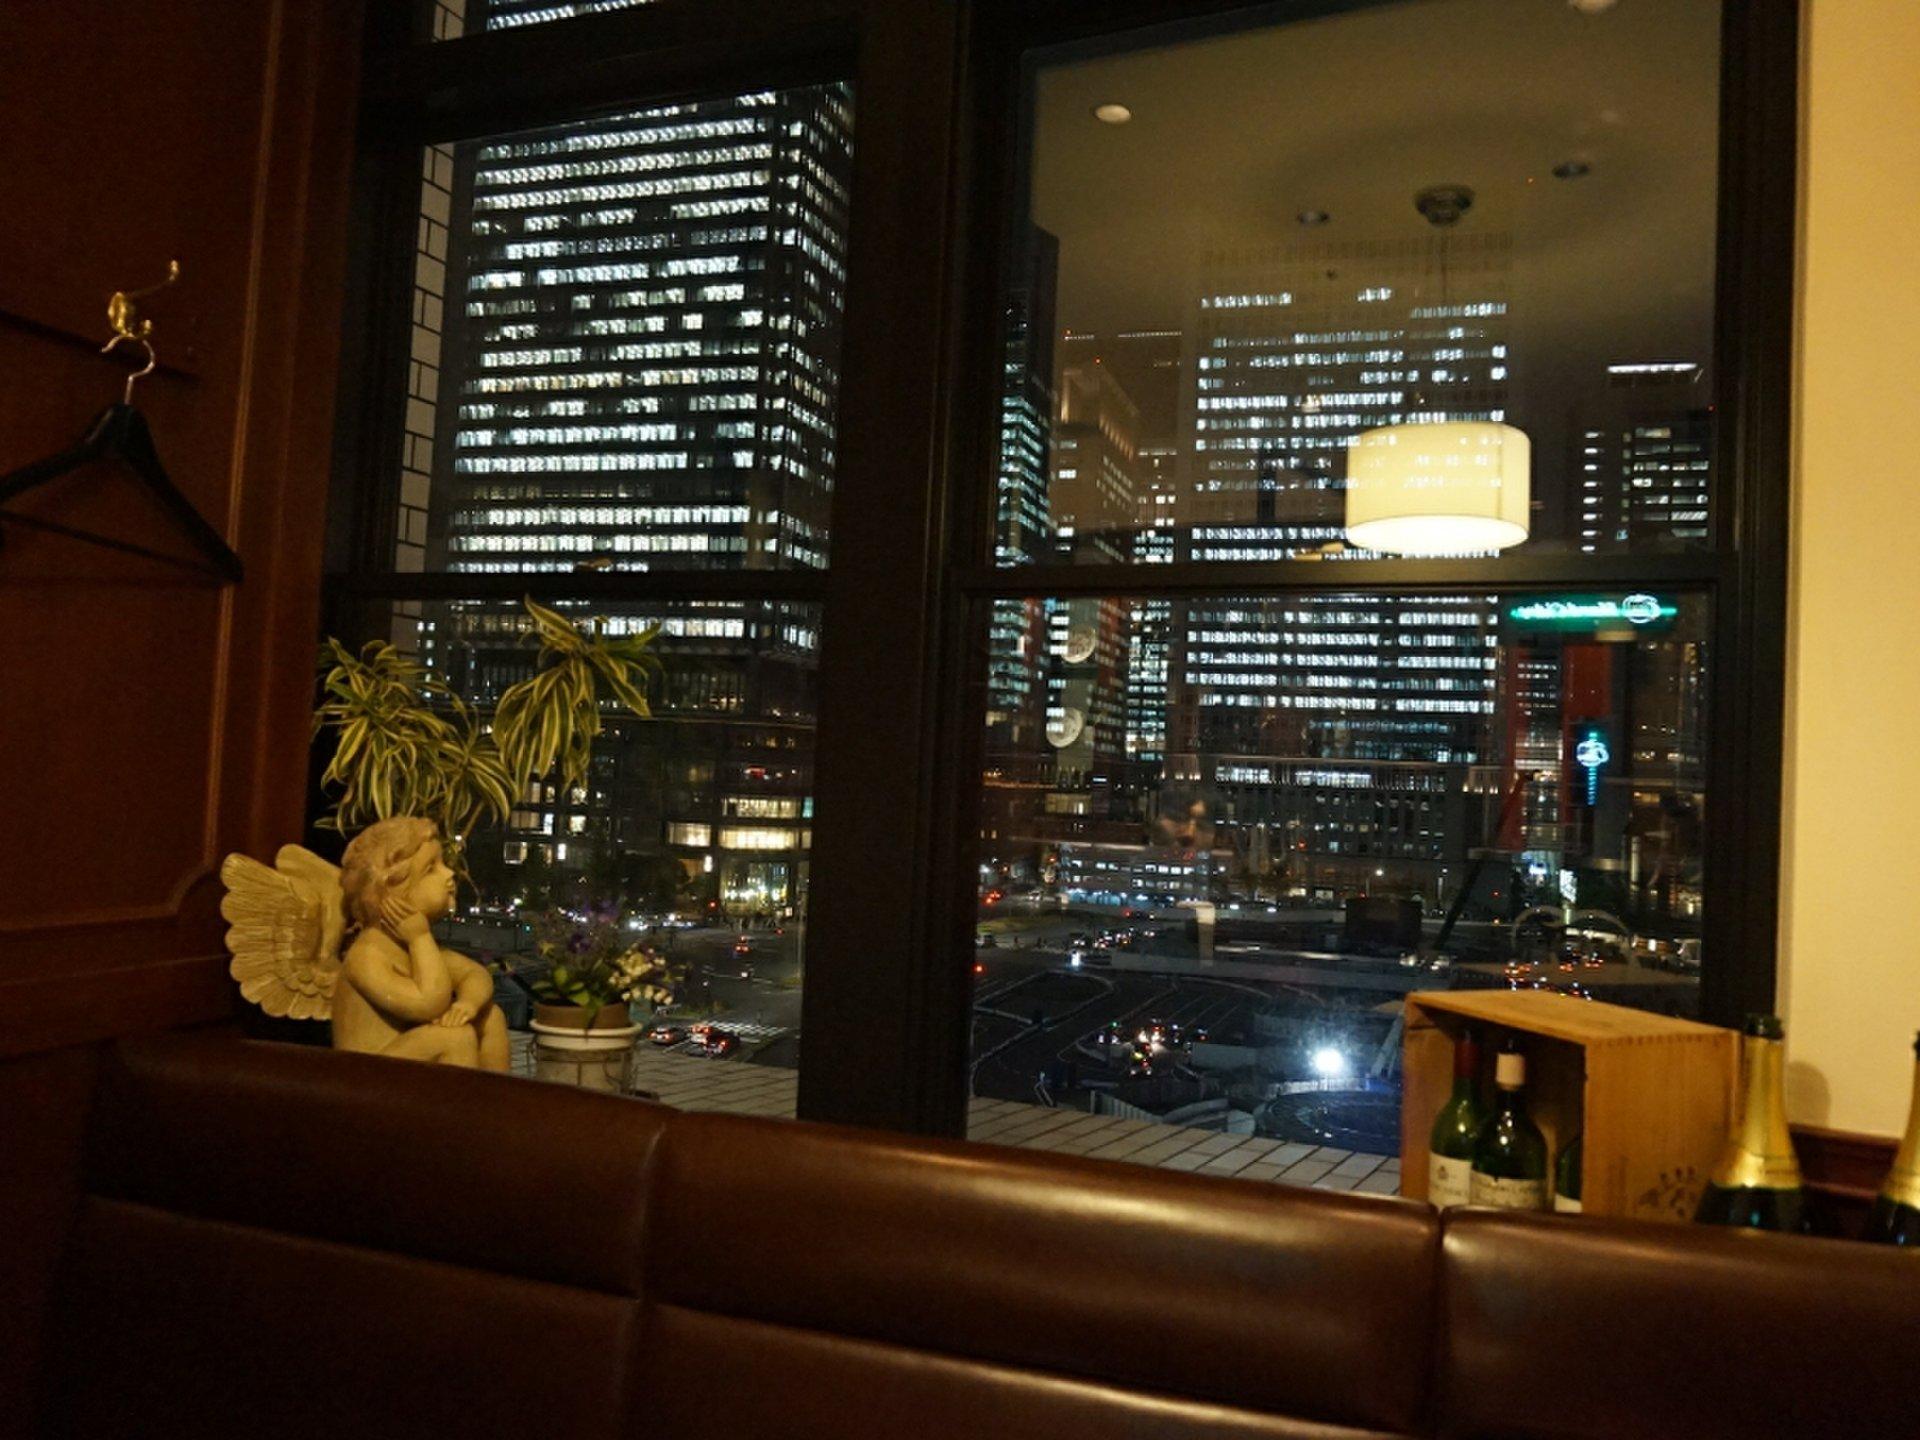 夜景も楽しめちゃう! KITTEの洋食屋さんでディナーデート♪